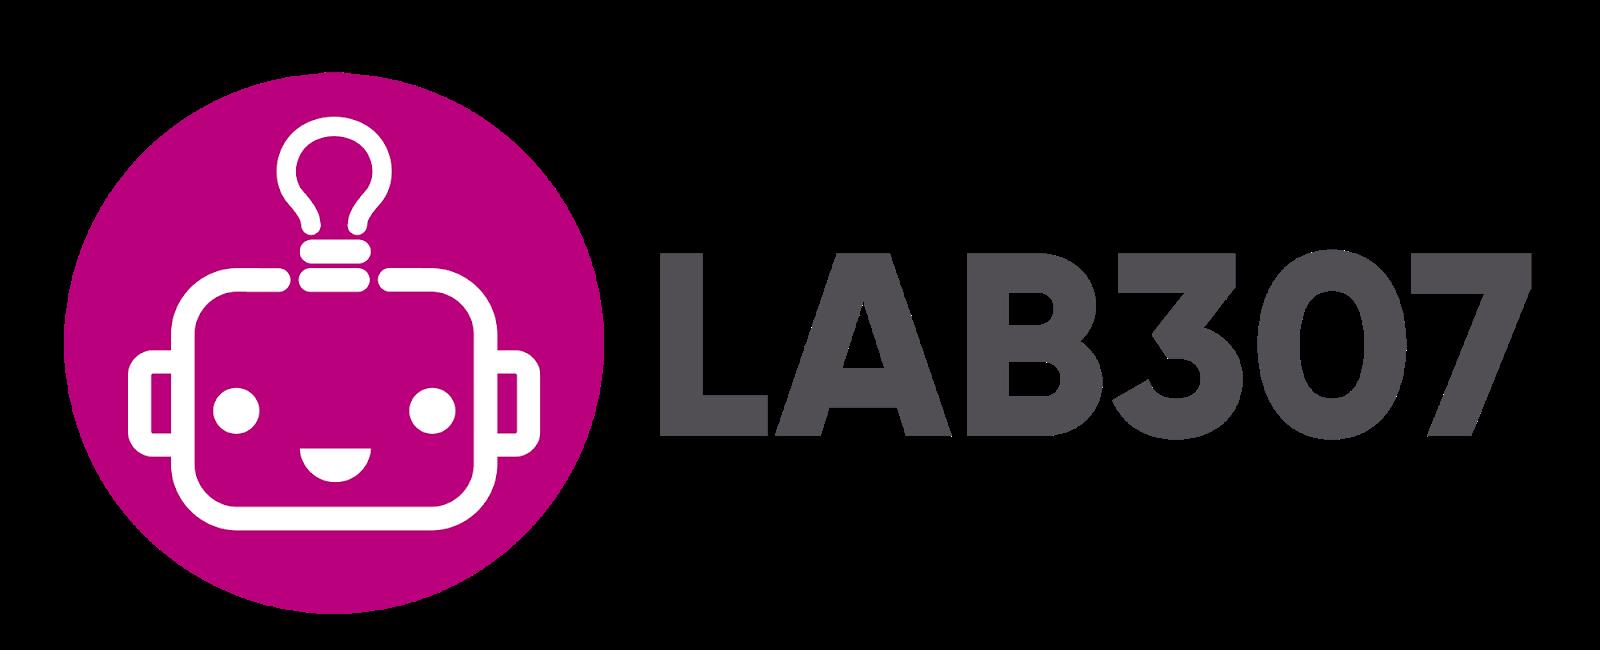 Estúdio Lab307